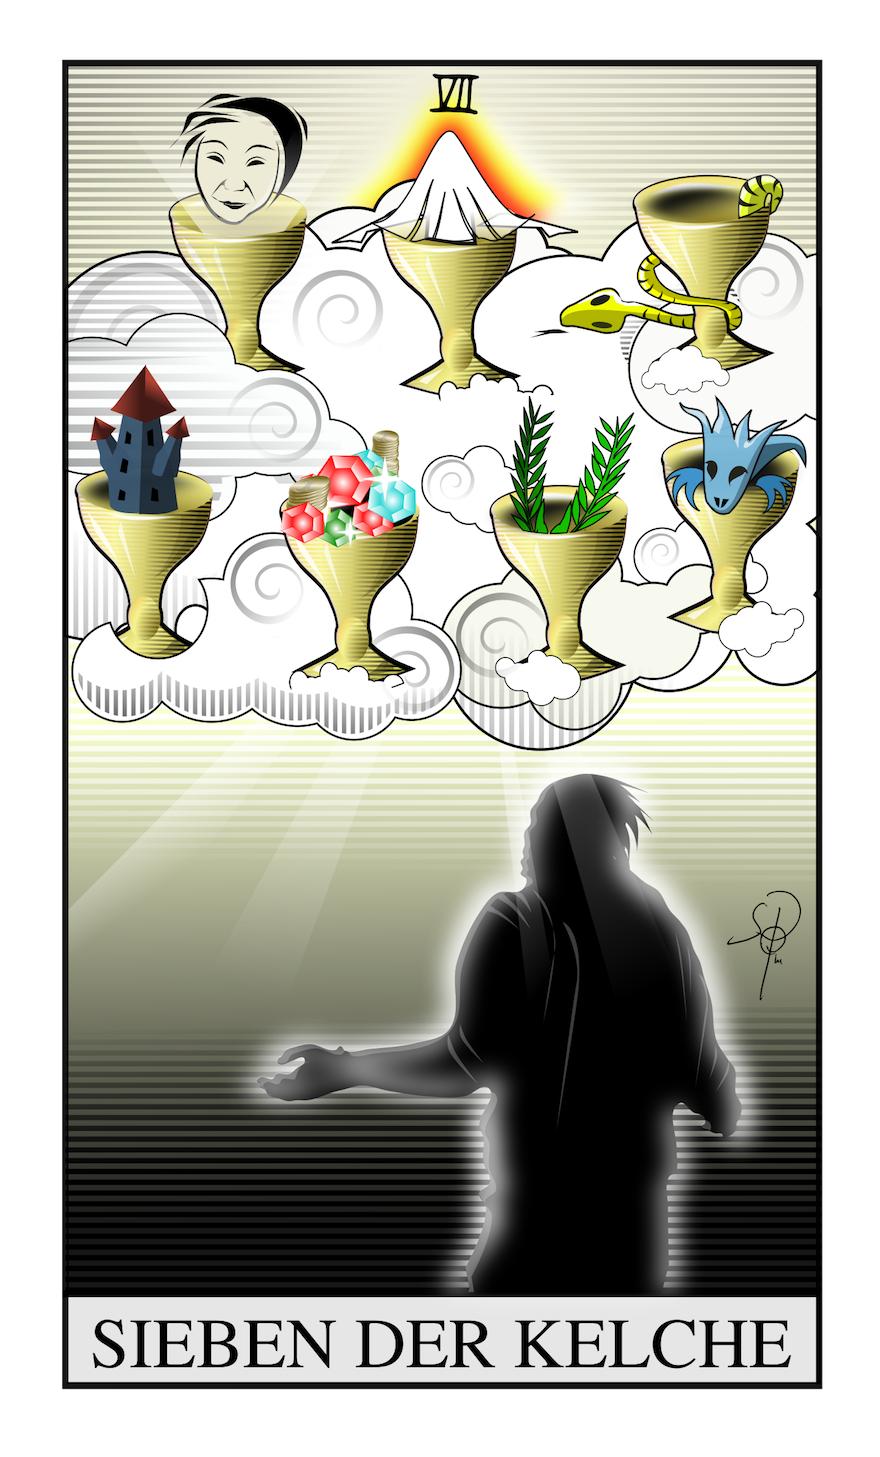 Sieben der Kelche